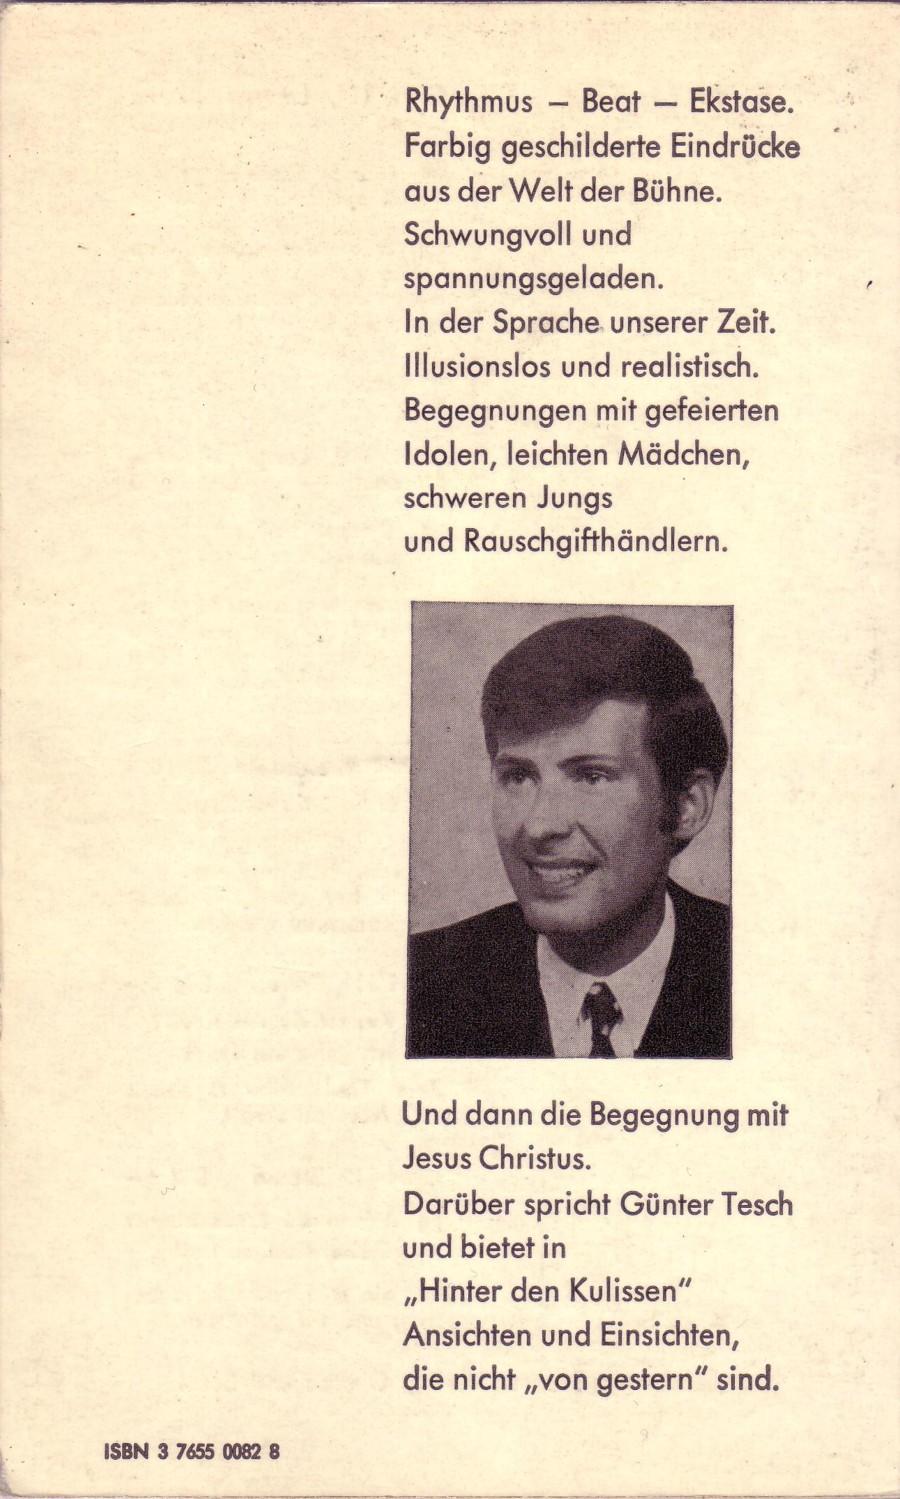 Günter Tesch - Meinst Du Wirklich? / The Woman